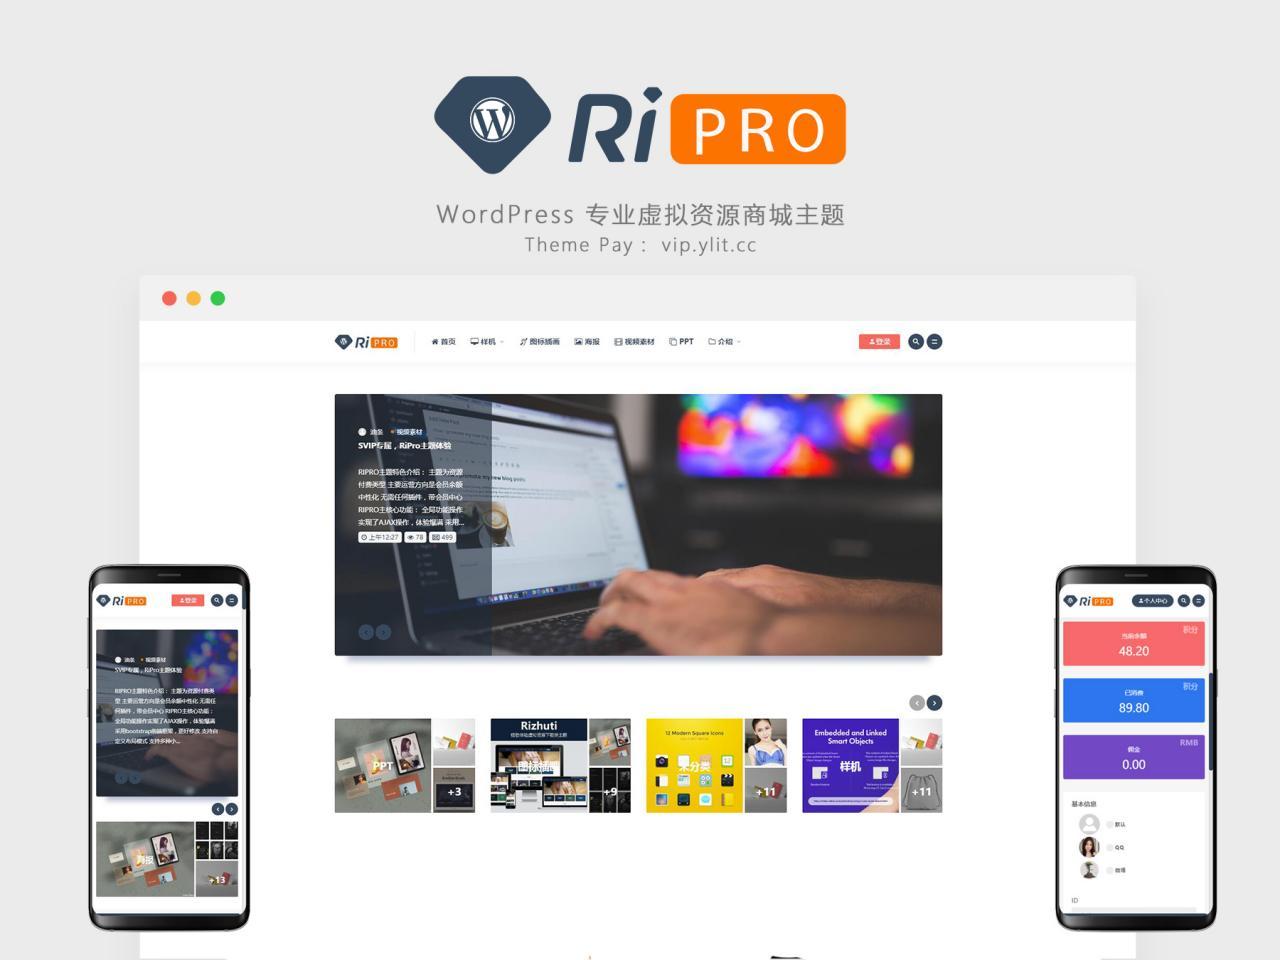 【资源主题】专业虚拟资源商城主题——RiPro插图